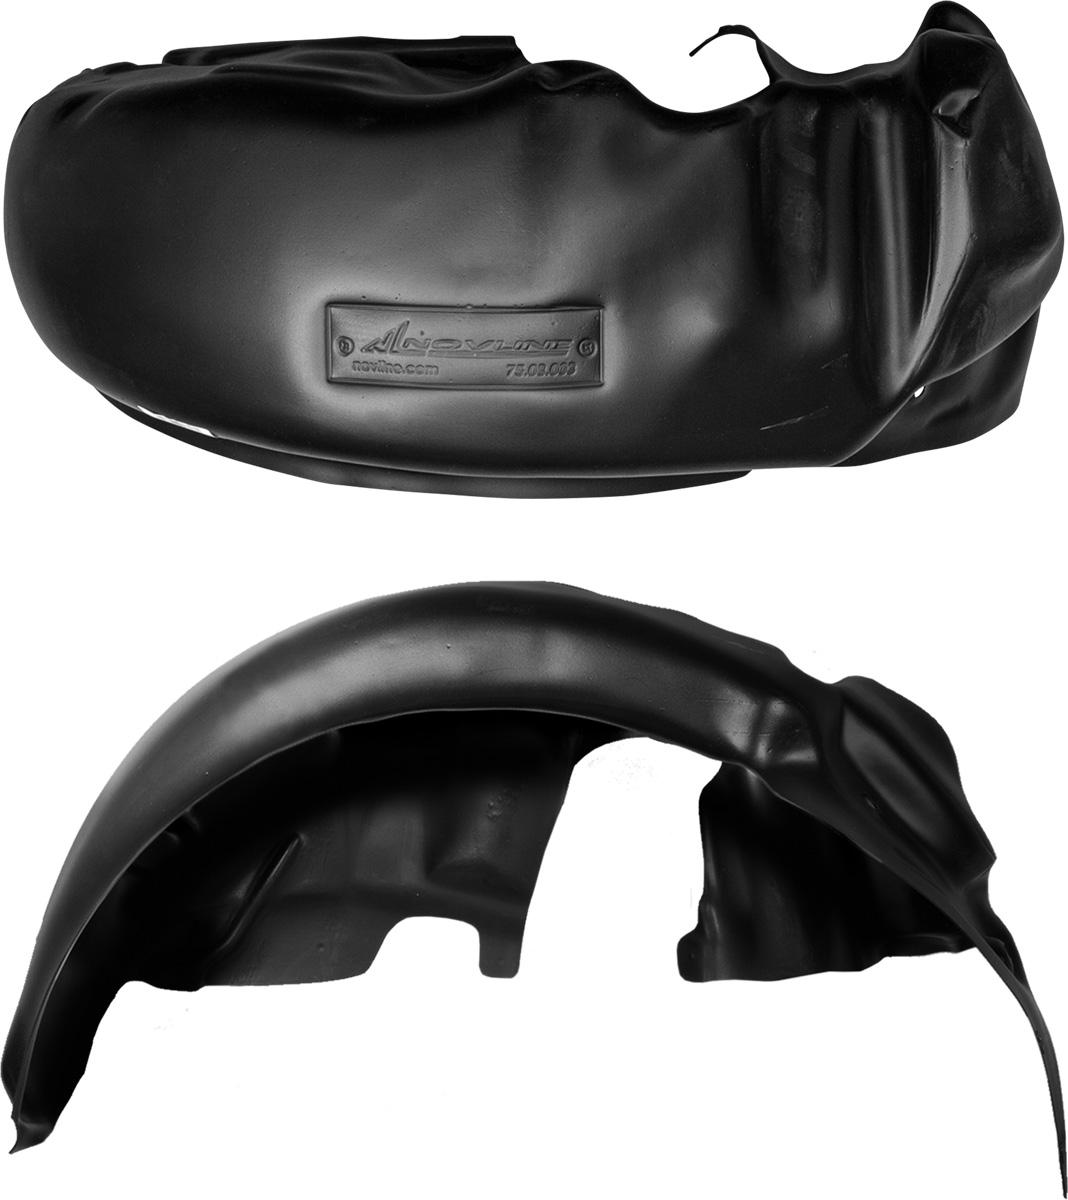 Подкрылок Novline-Autofamily, для Great Wall Hover, 2006-2010, передний правыйNLL.59.04.002Колесные ниши - одни из самых уязвимых зон днища вашего автомобиля. Они постоянно подвергаются воздействию со стороны дороги. Лучшая, почти абсолютная защита для них - специально отформованные пластиковые кожухи, которые называются подкрылками. Производятся они как для отечественных моделей автомобилей, так и для иномарок. Подкрылки Novline-Autofamily выполнены из высококачественного, экологически чистого пластика. Обеспечивают надежную защиту кузова автомобиля от пескоструйного эффекта и негативного влияния, агрессивных антигололедных реагентов. Пластик обладает более низкой теплопроводностью, чем металл, поэтому в зимний период эксплуатации использование пластиковых подкрылков позволяет лучше защитить колесные ниши от налипания снега и образования наледи. Оригинальность конструкции подчеркивает элегантность автомобиля, бережно защищает нанесенное на днище кузова антикоррозийное покрытие и позволяет осуществить крепление подкрылков внутри колесной арки практически без...